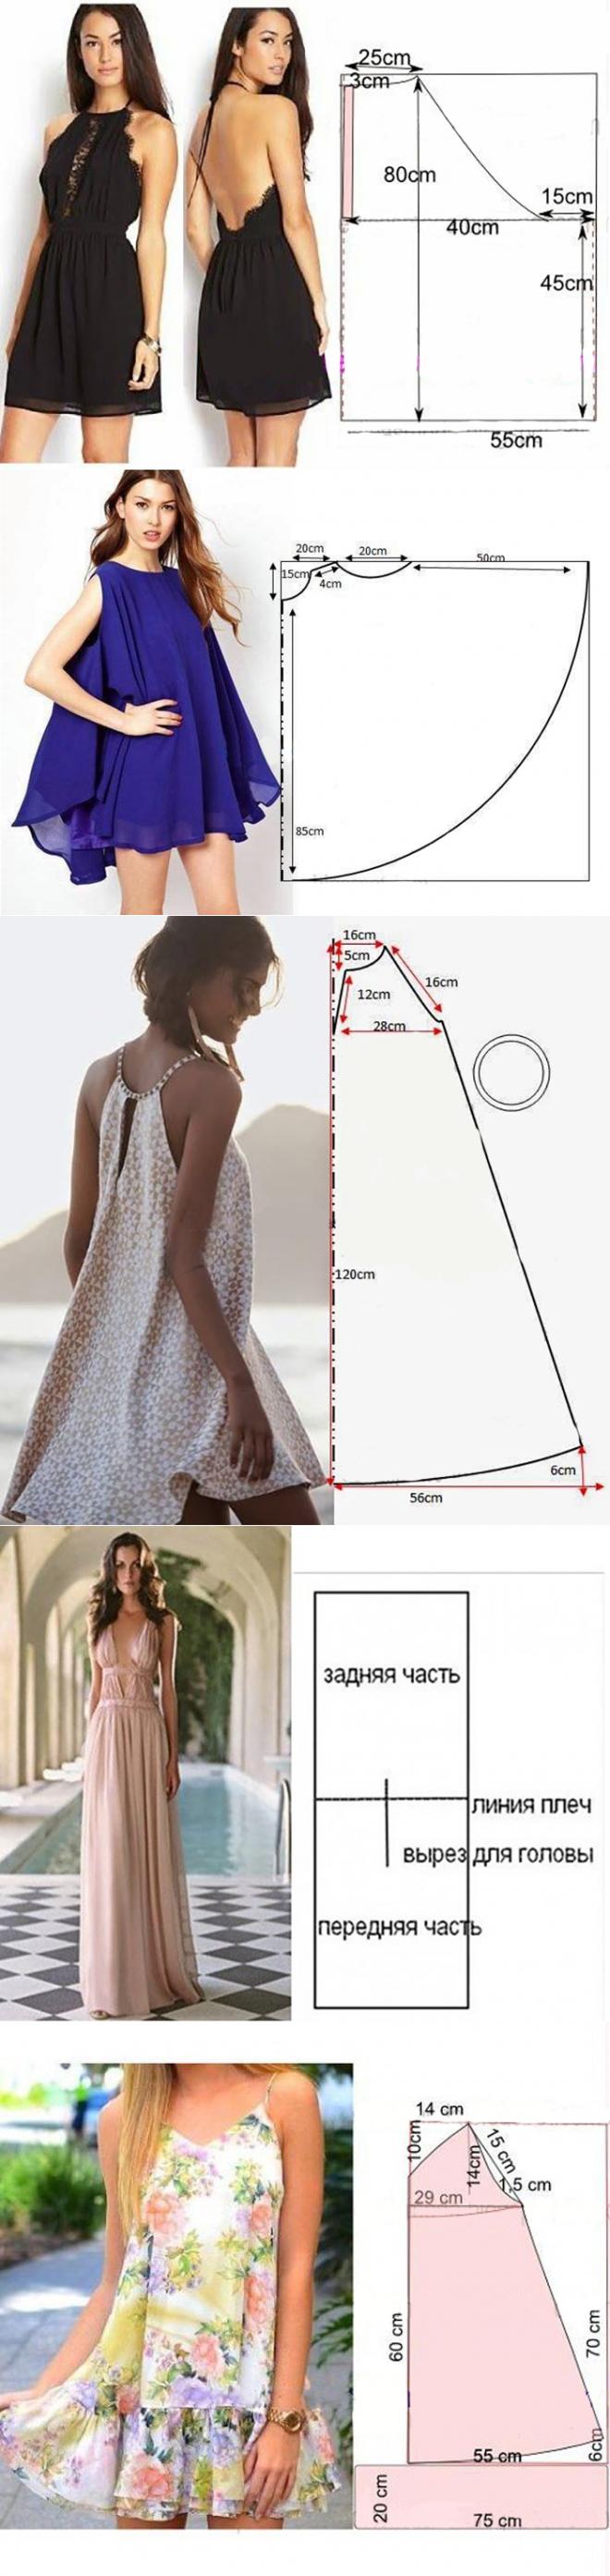 Vesvestidos frescos. tido | Proyectos de costura | Pinterest ...